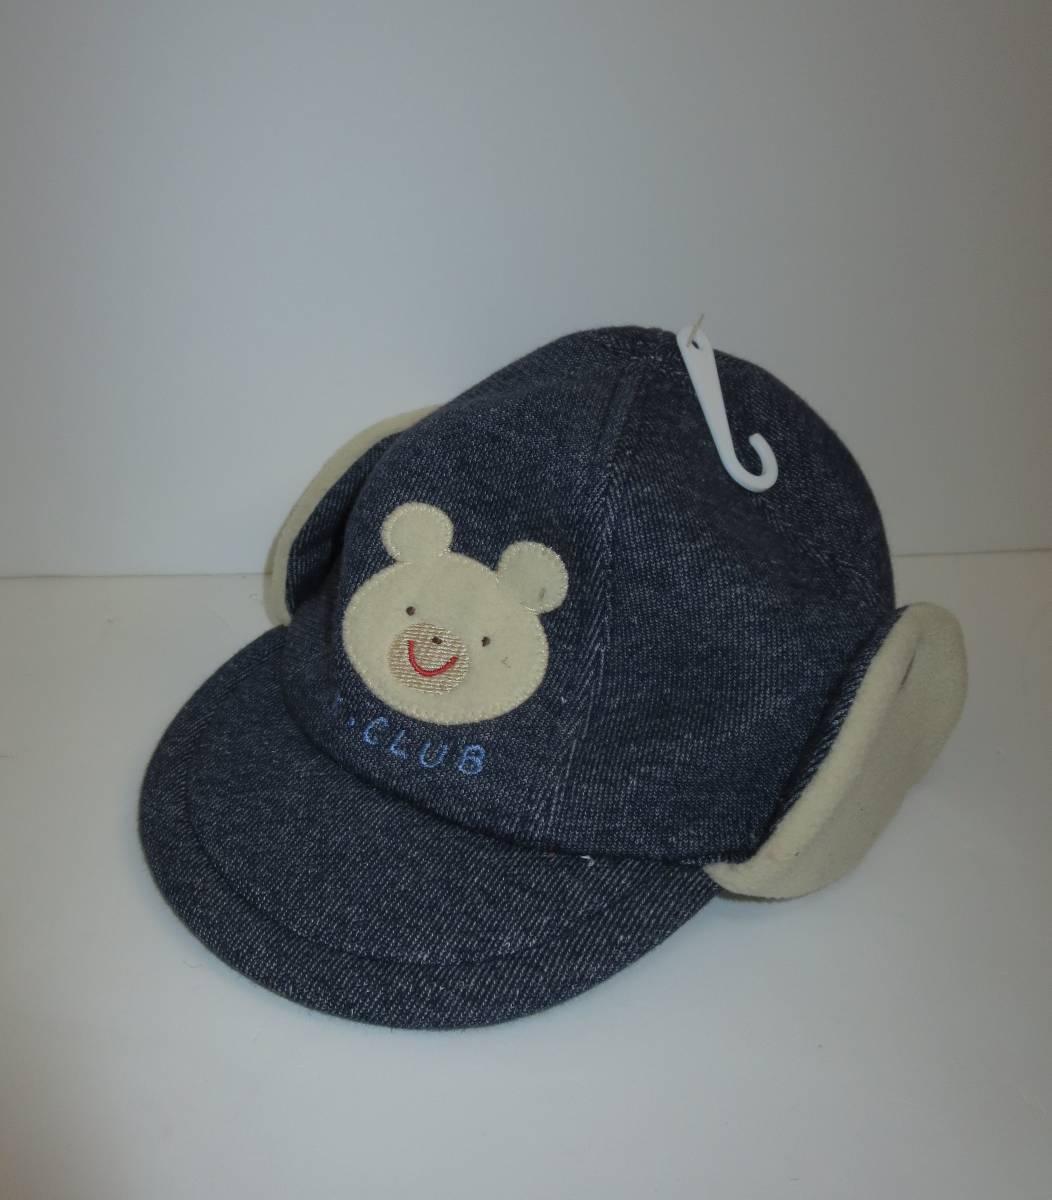 タグ付き未使用品★ベビー【46㎝】キューピー日本製の耳当て付き帽子★